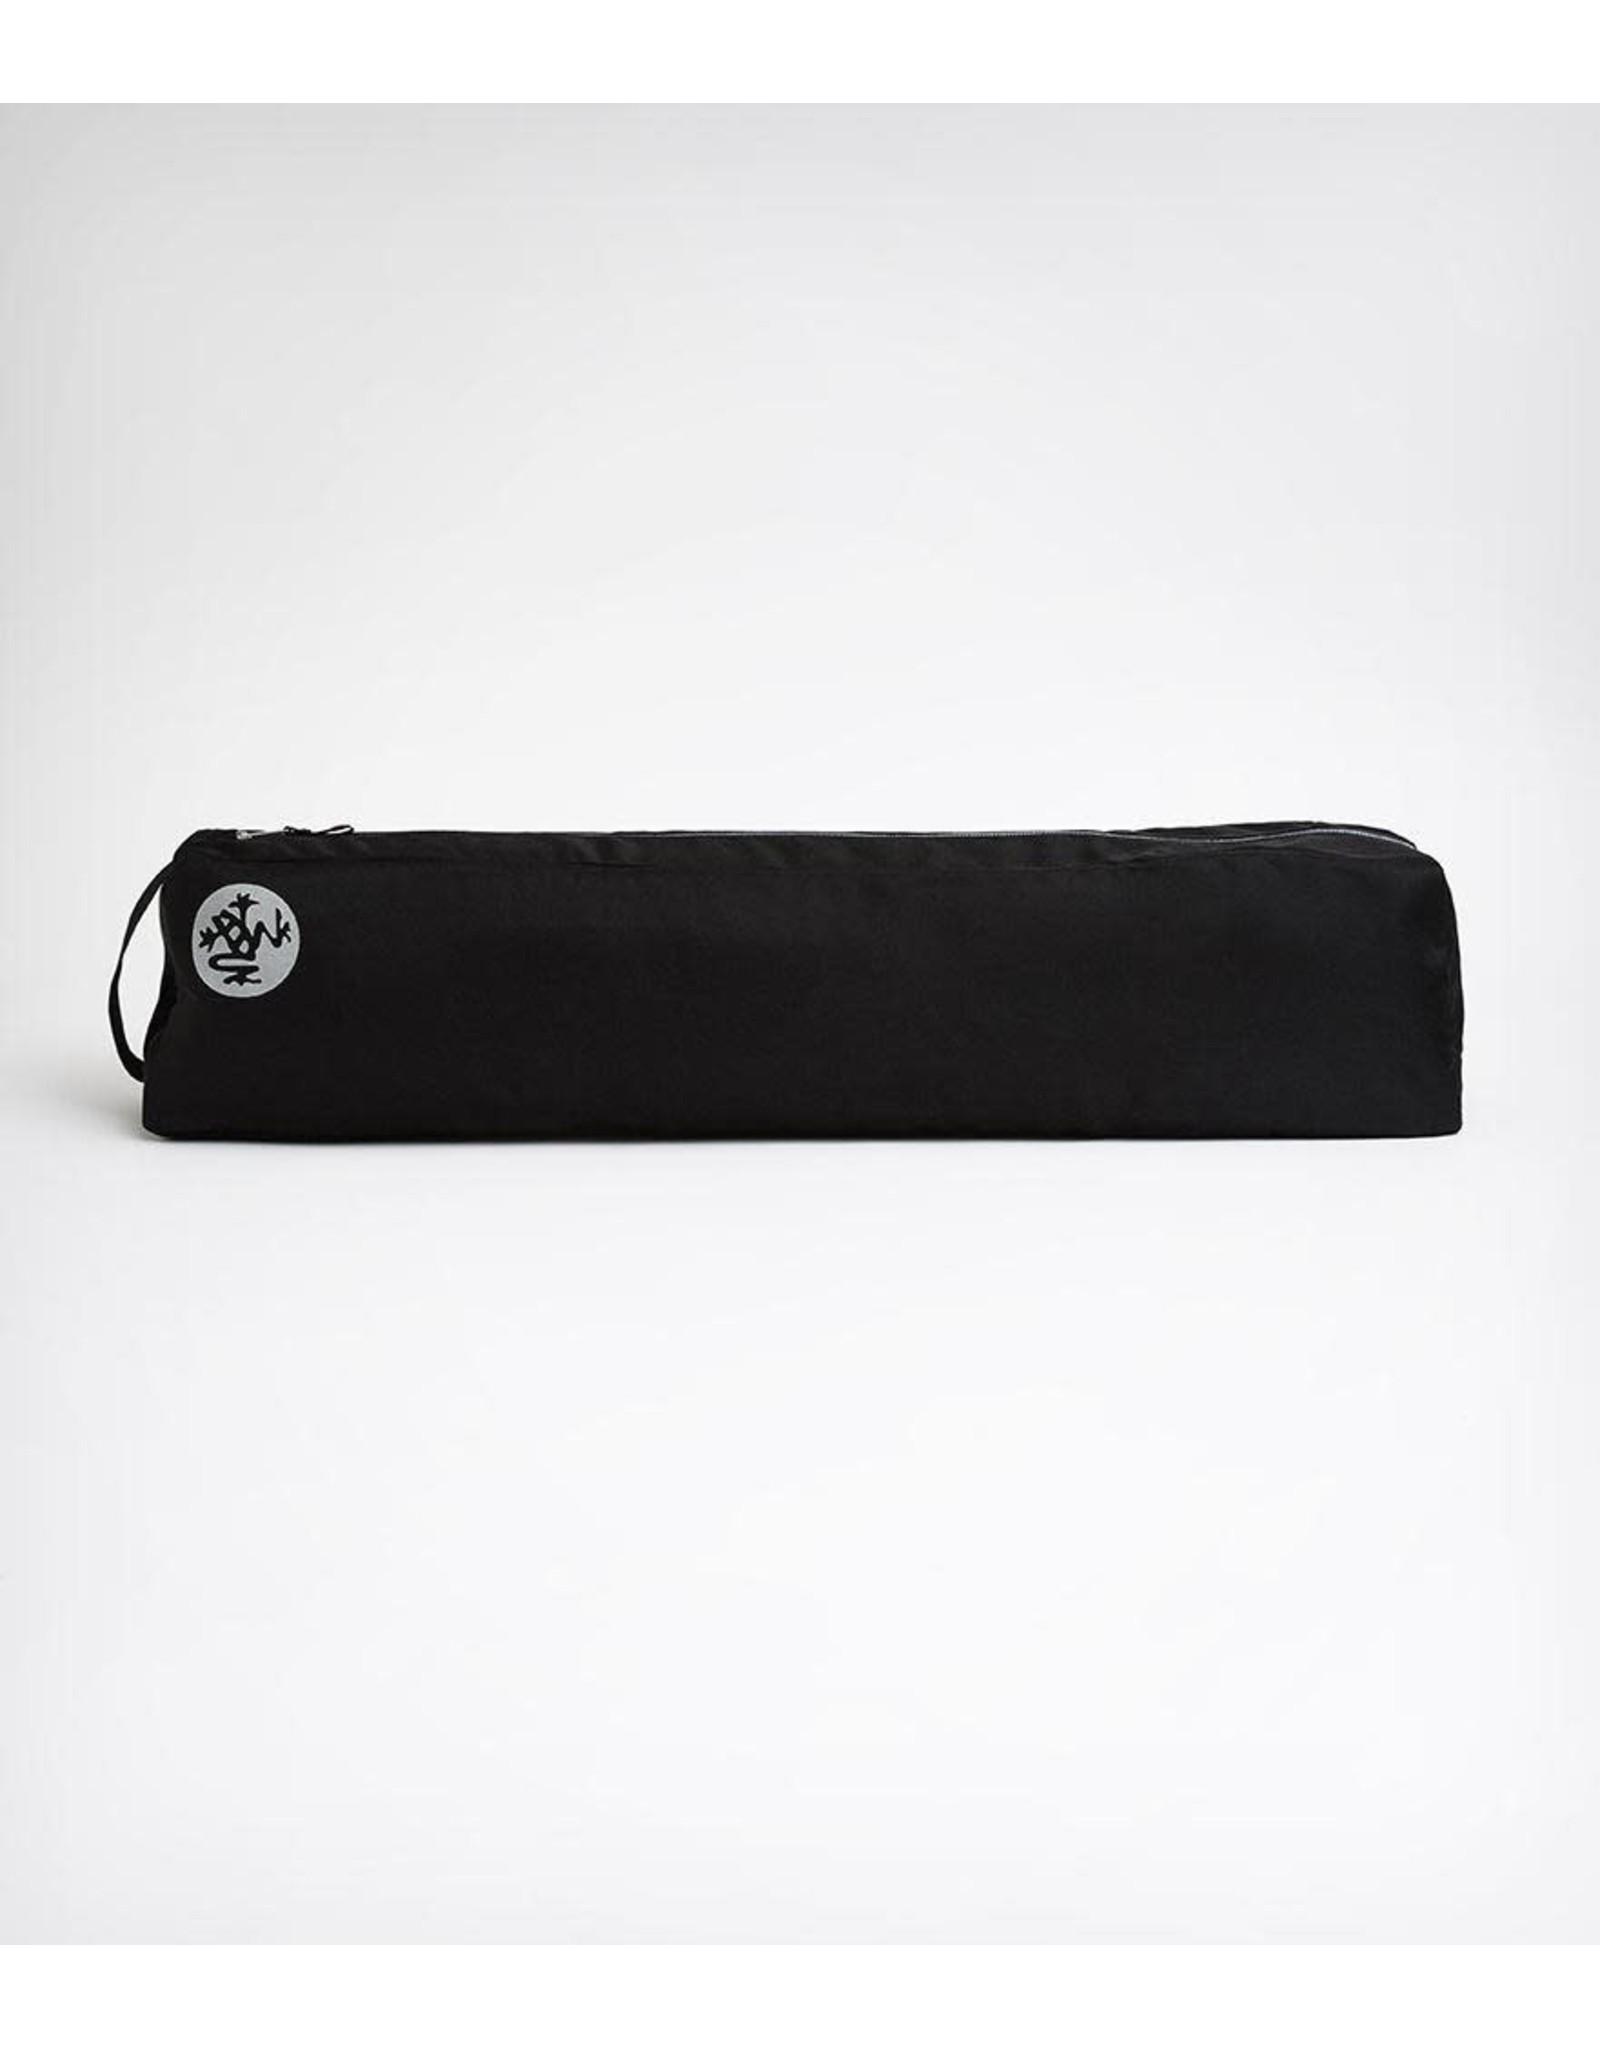 Manduka Golight mat bag